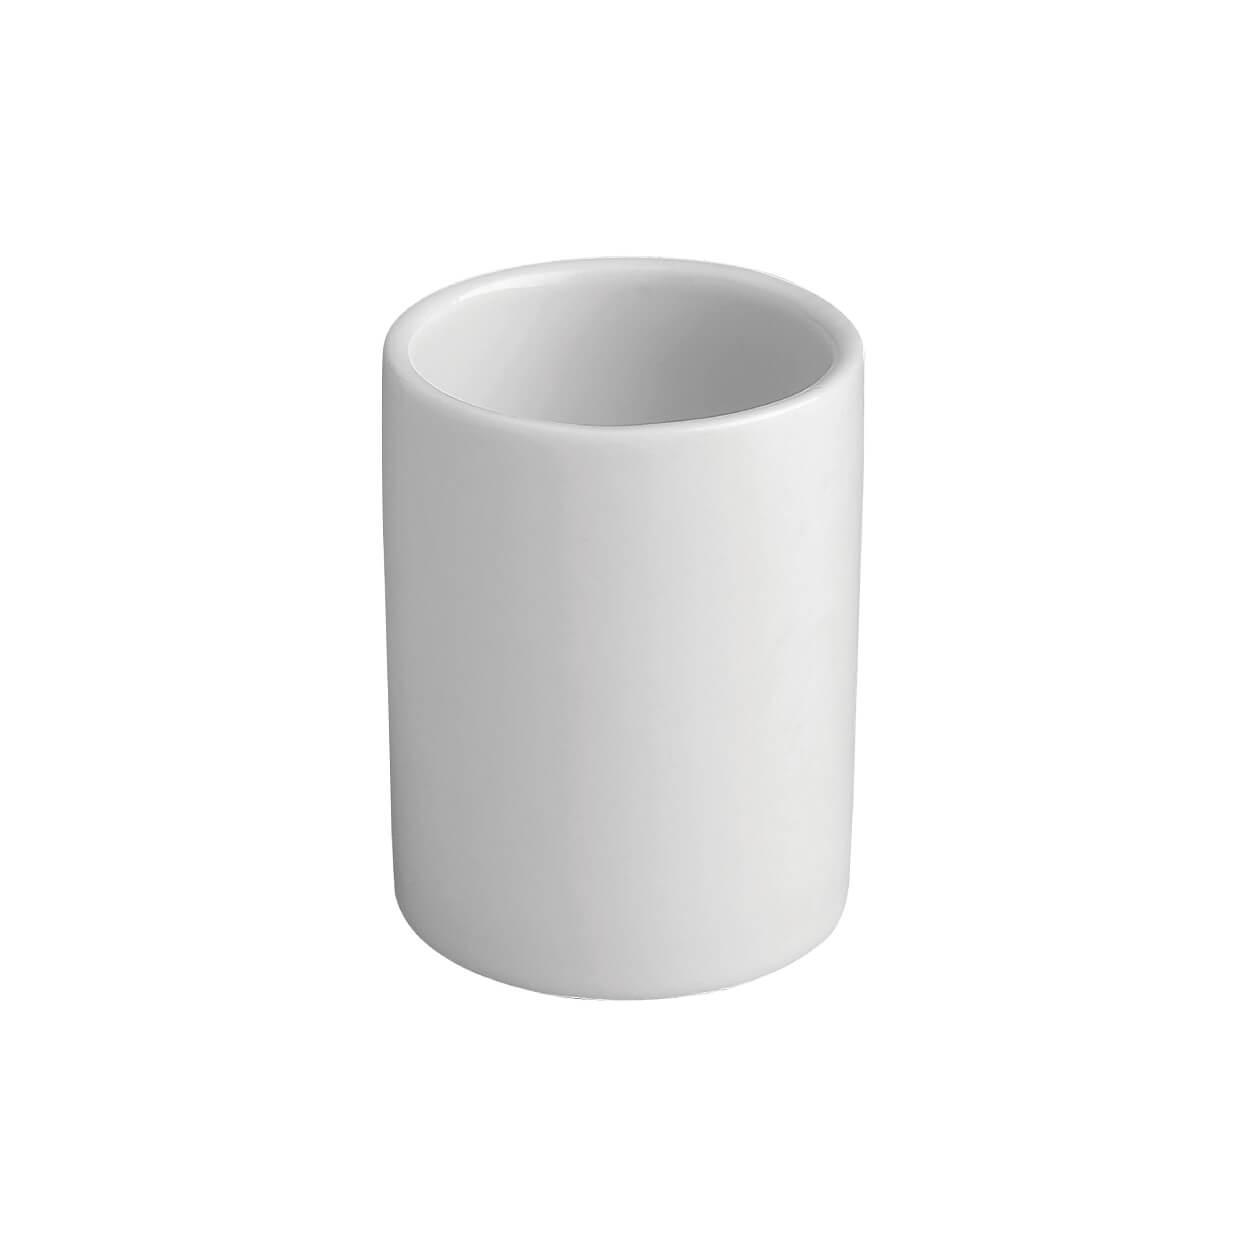 ΘΗΚΗ ΟΔΟΝΤΟΓΛΥΦΙΔΑΣ ΠΟΡΣΕΛΑΝΗΣ 4×5,3εκ